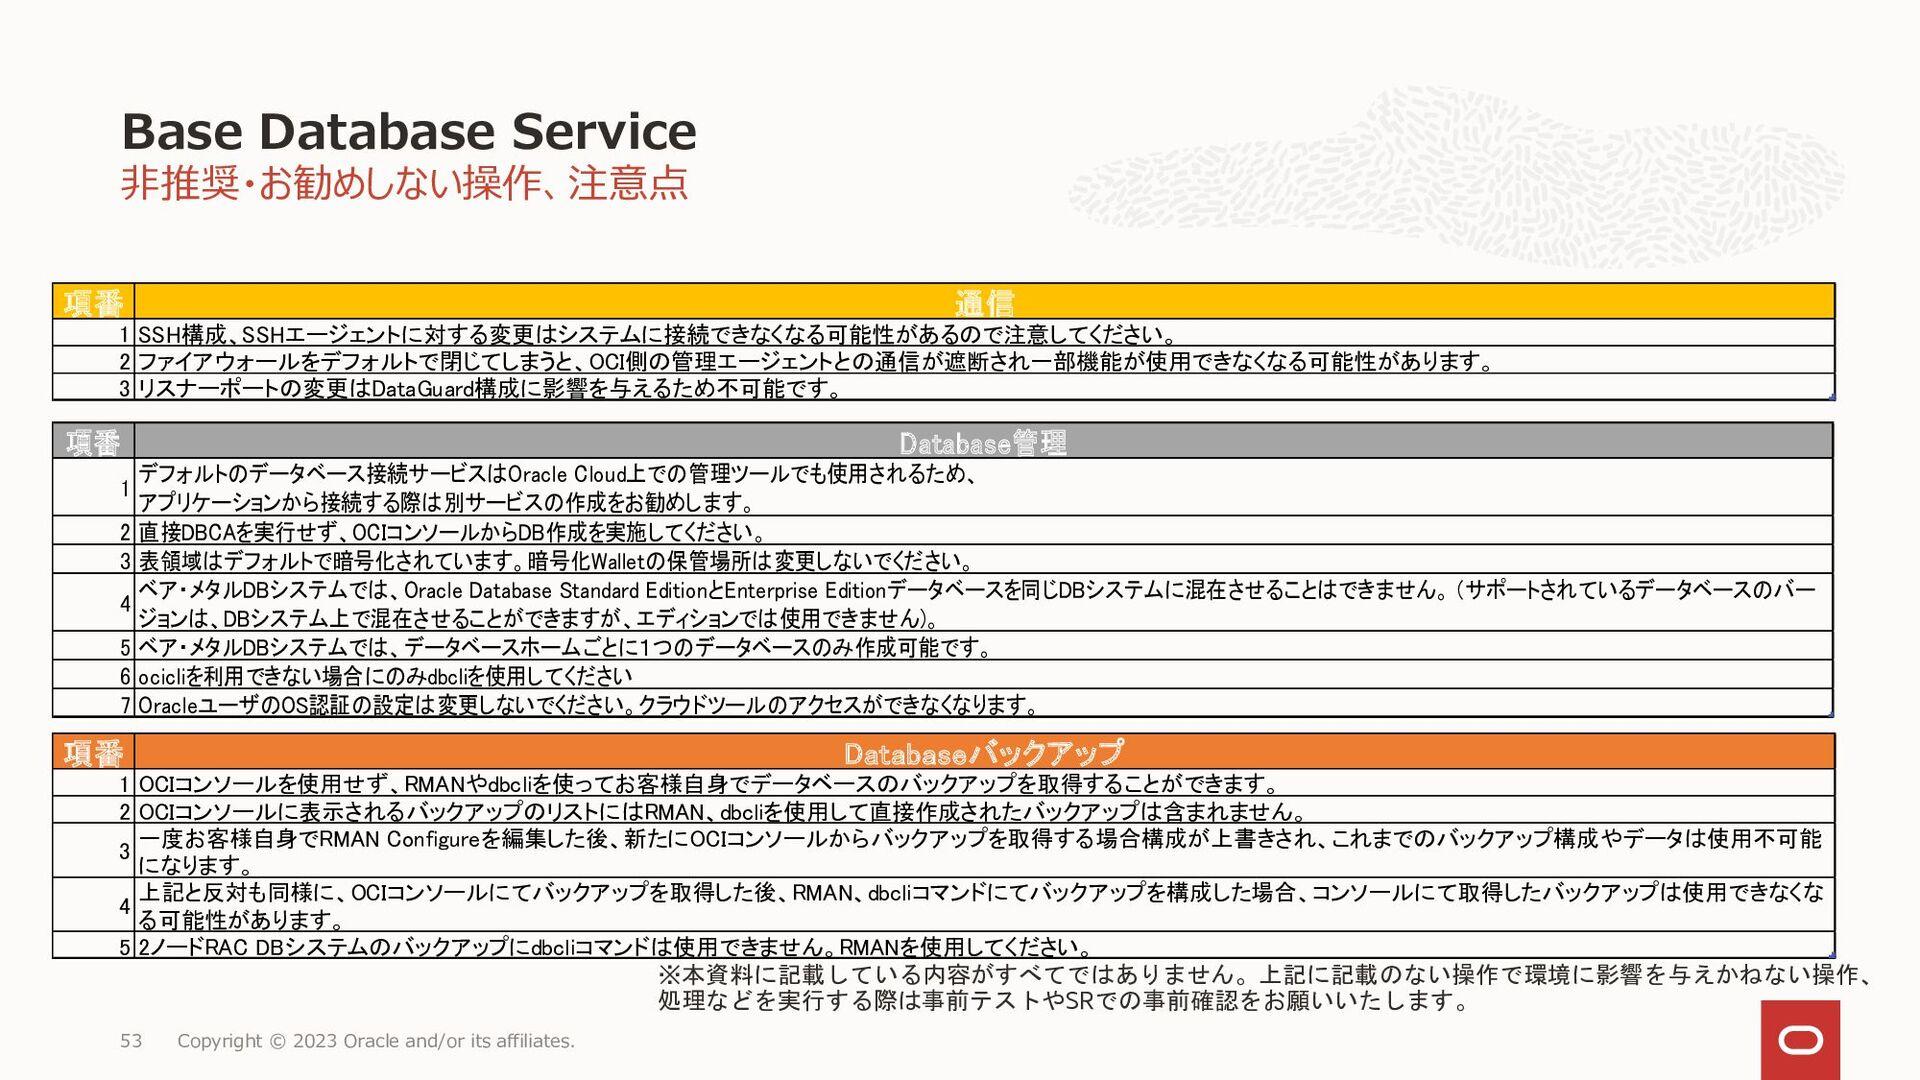 53 Oracleデータベース内のWebベースのデータベース管理ツールである、Enterpri...